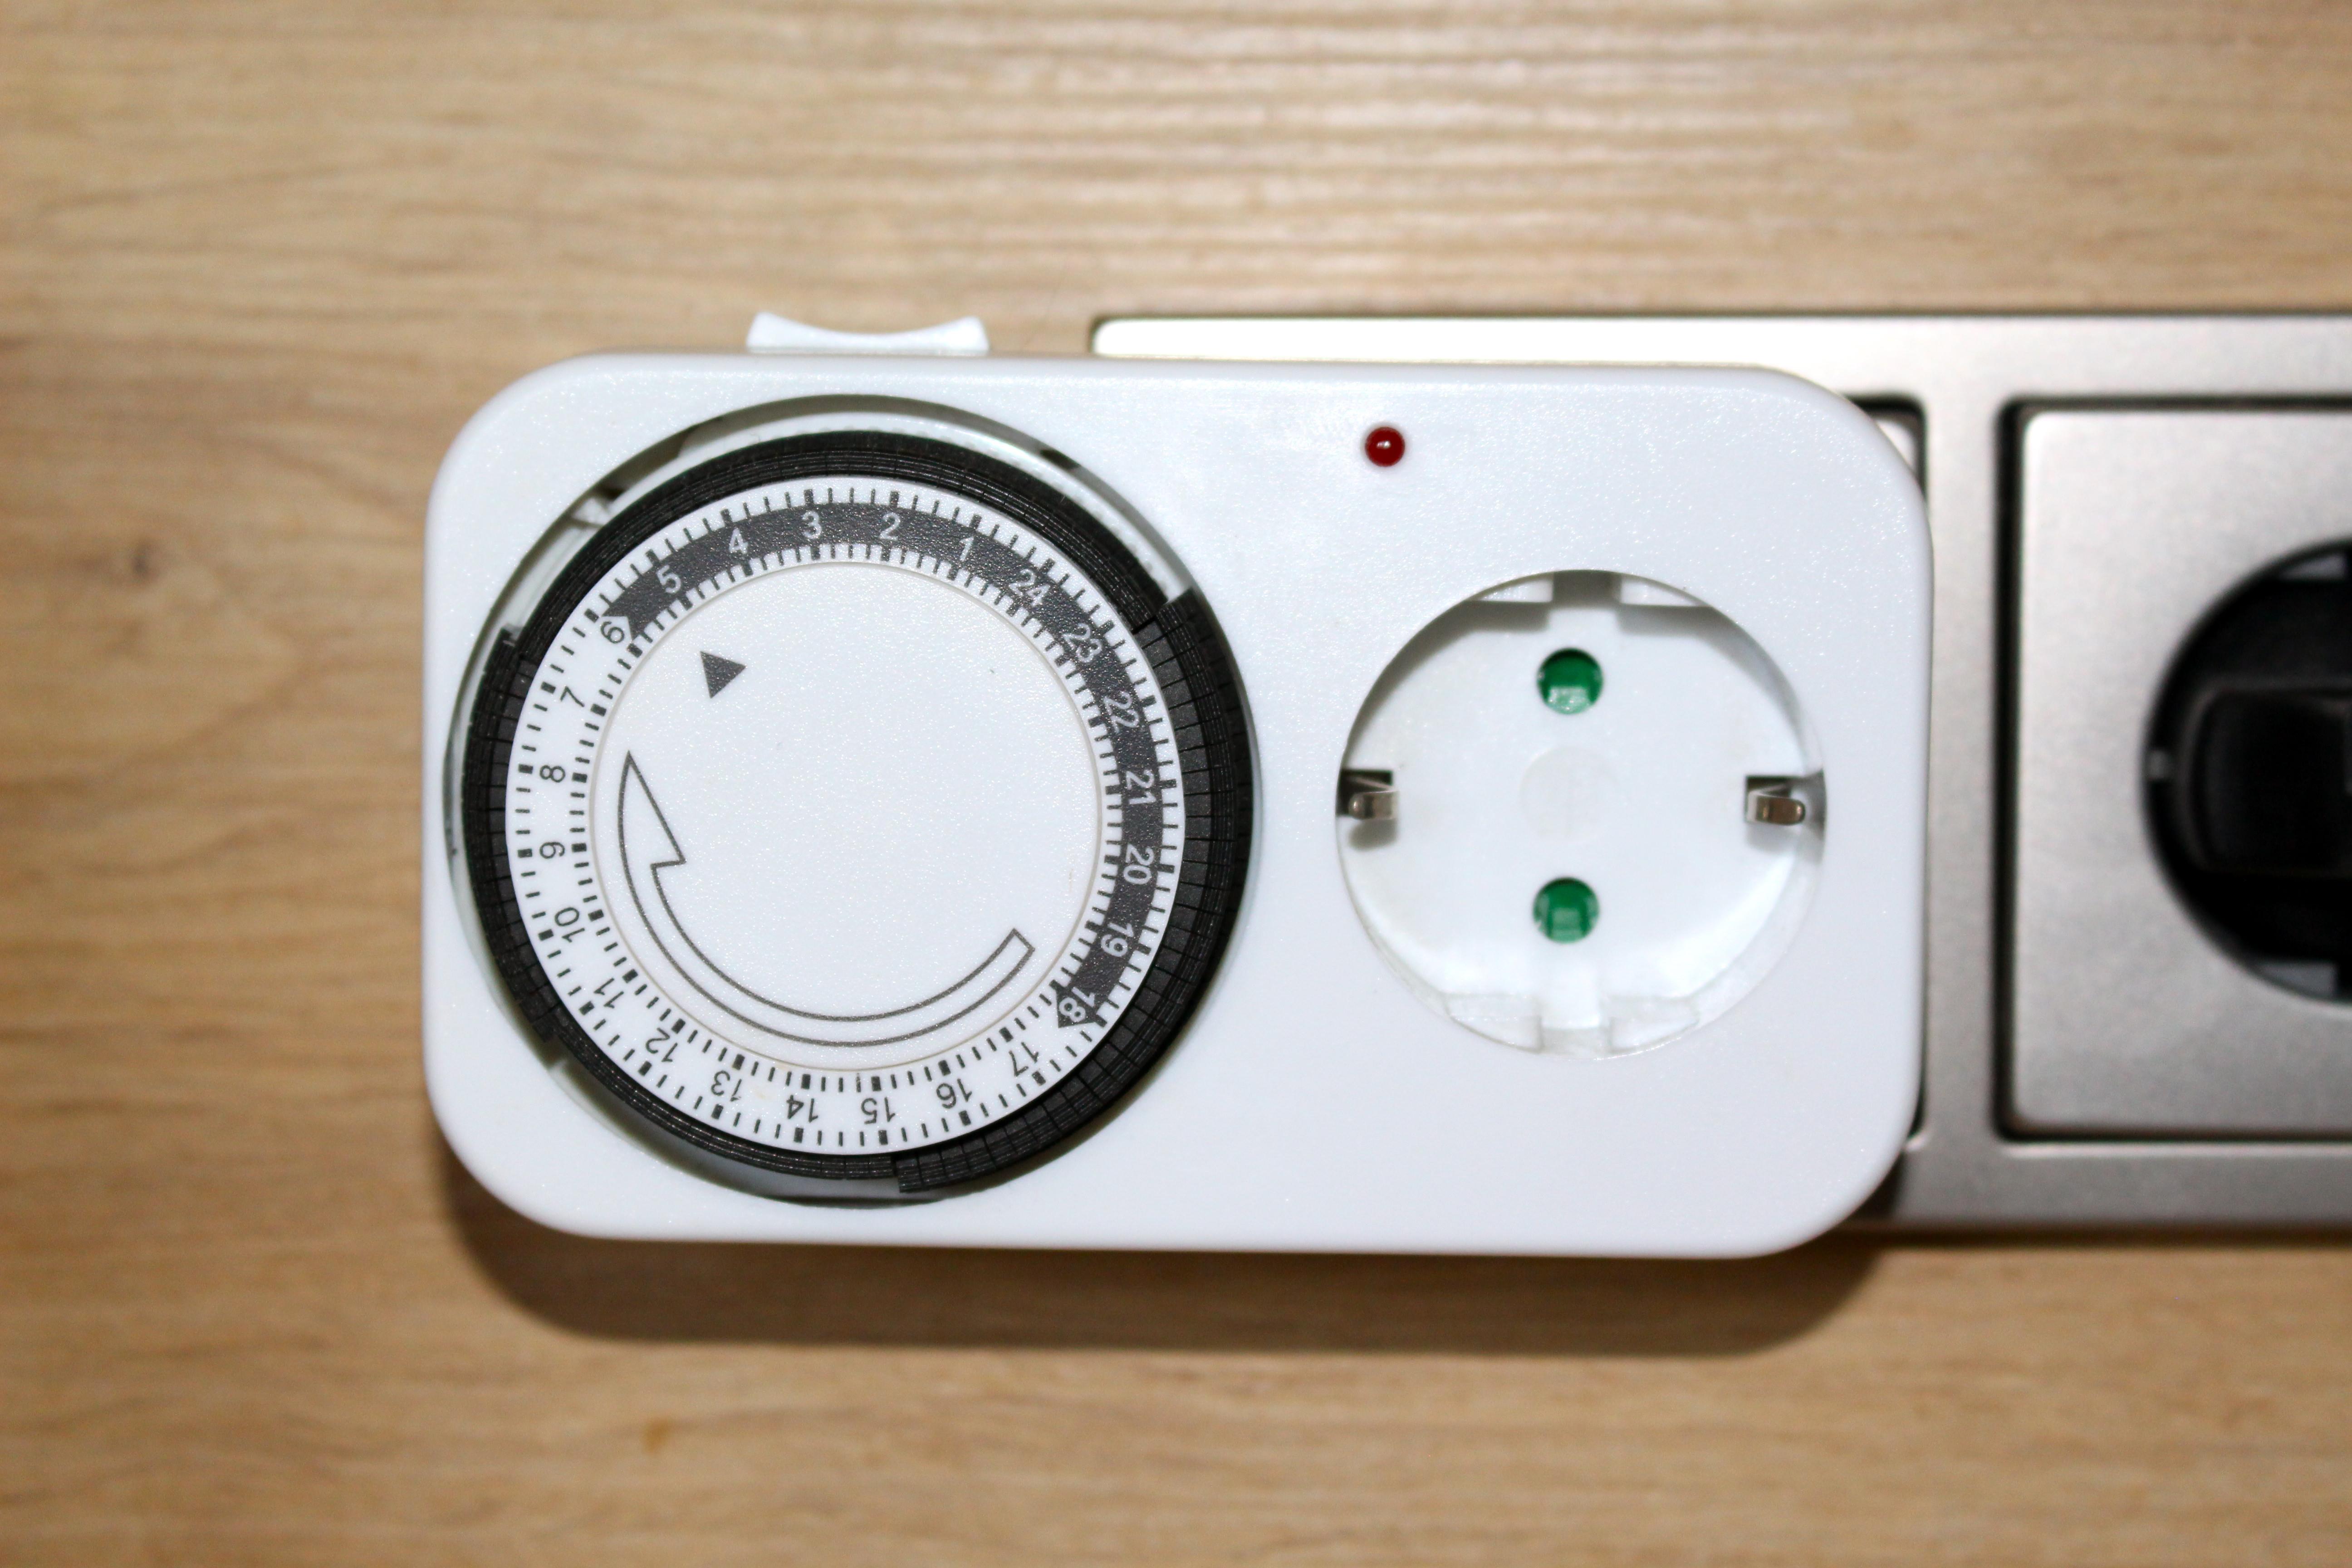 wie stellt man eine zeitschaltuhr ein